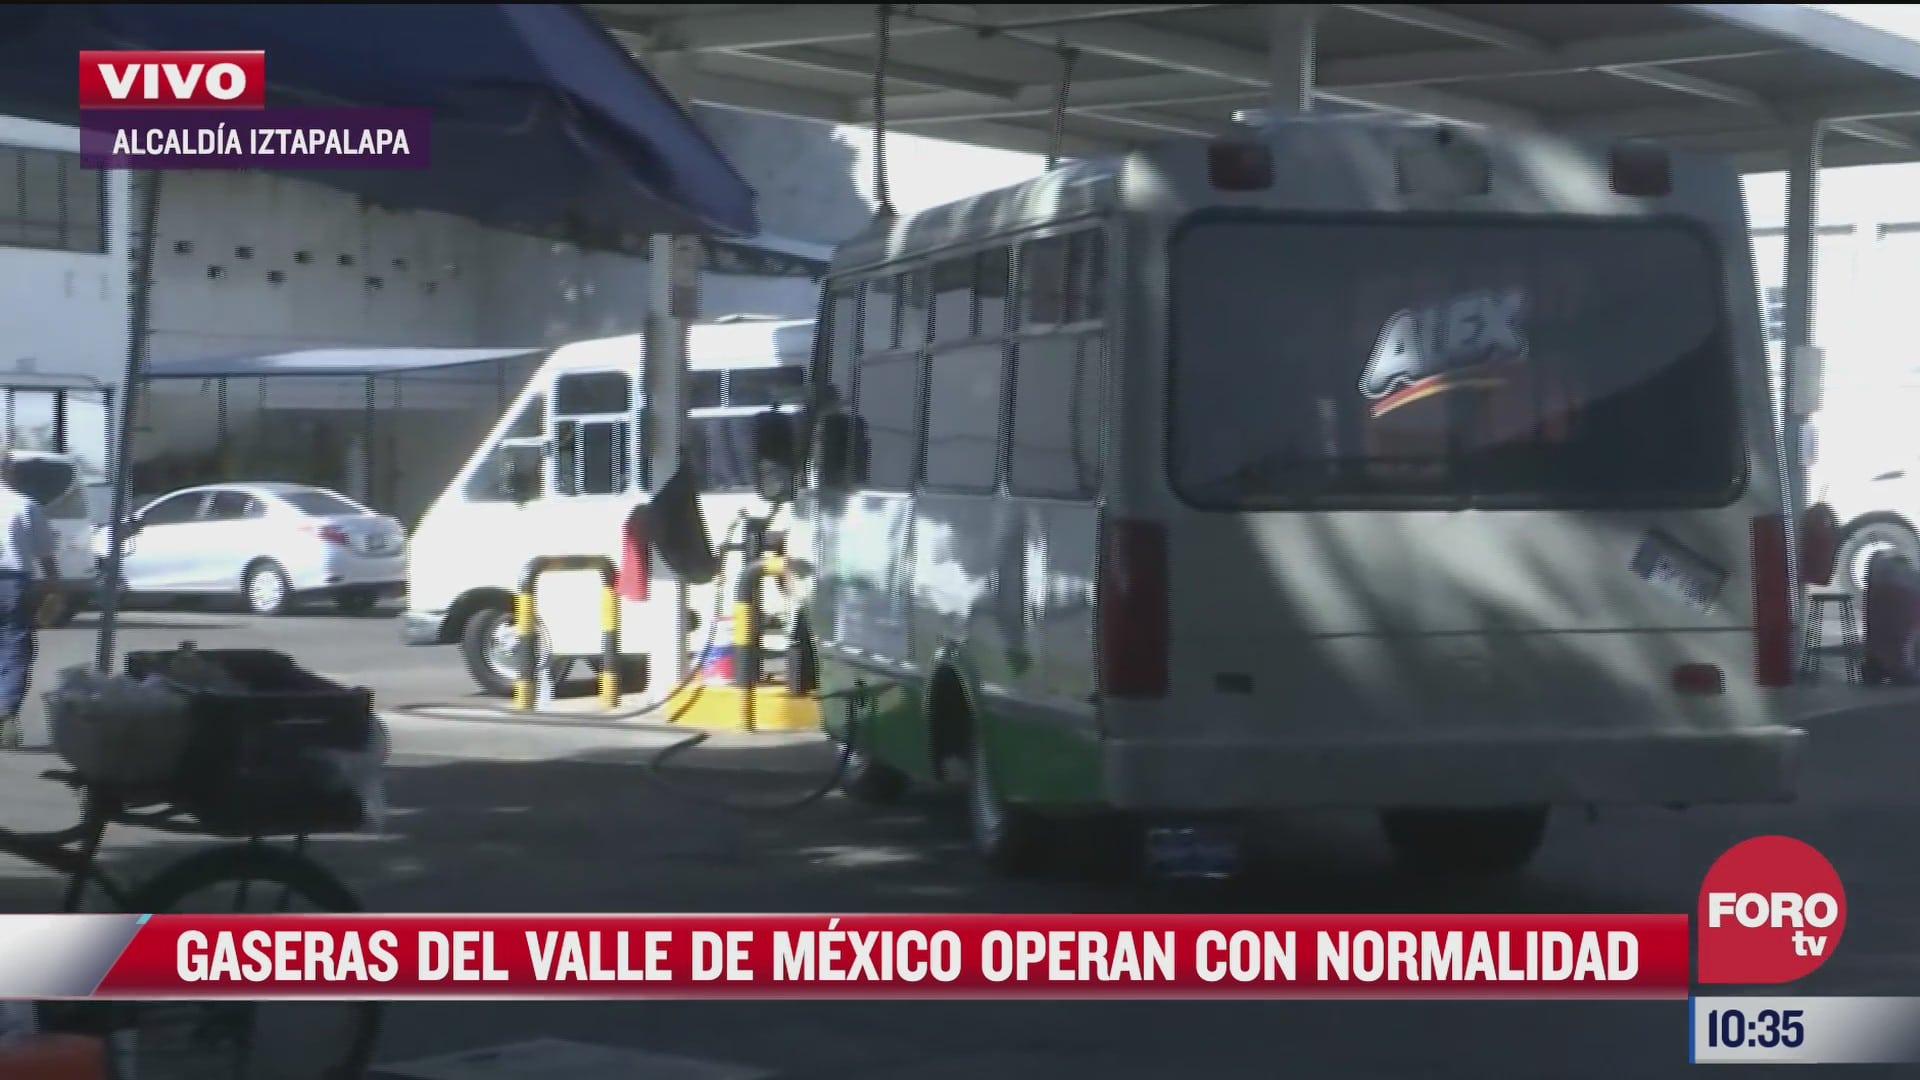 gaseras del valle de mexico operan con normalidad